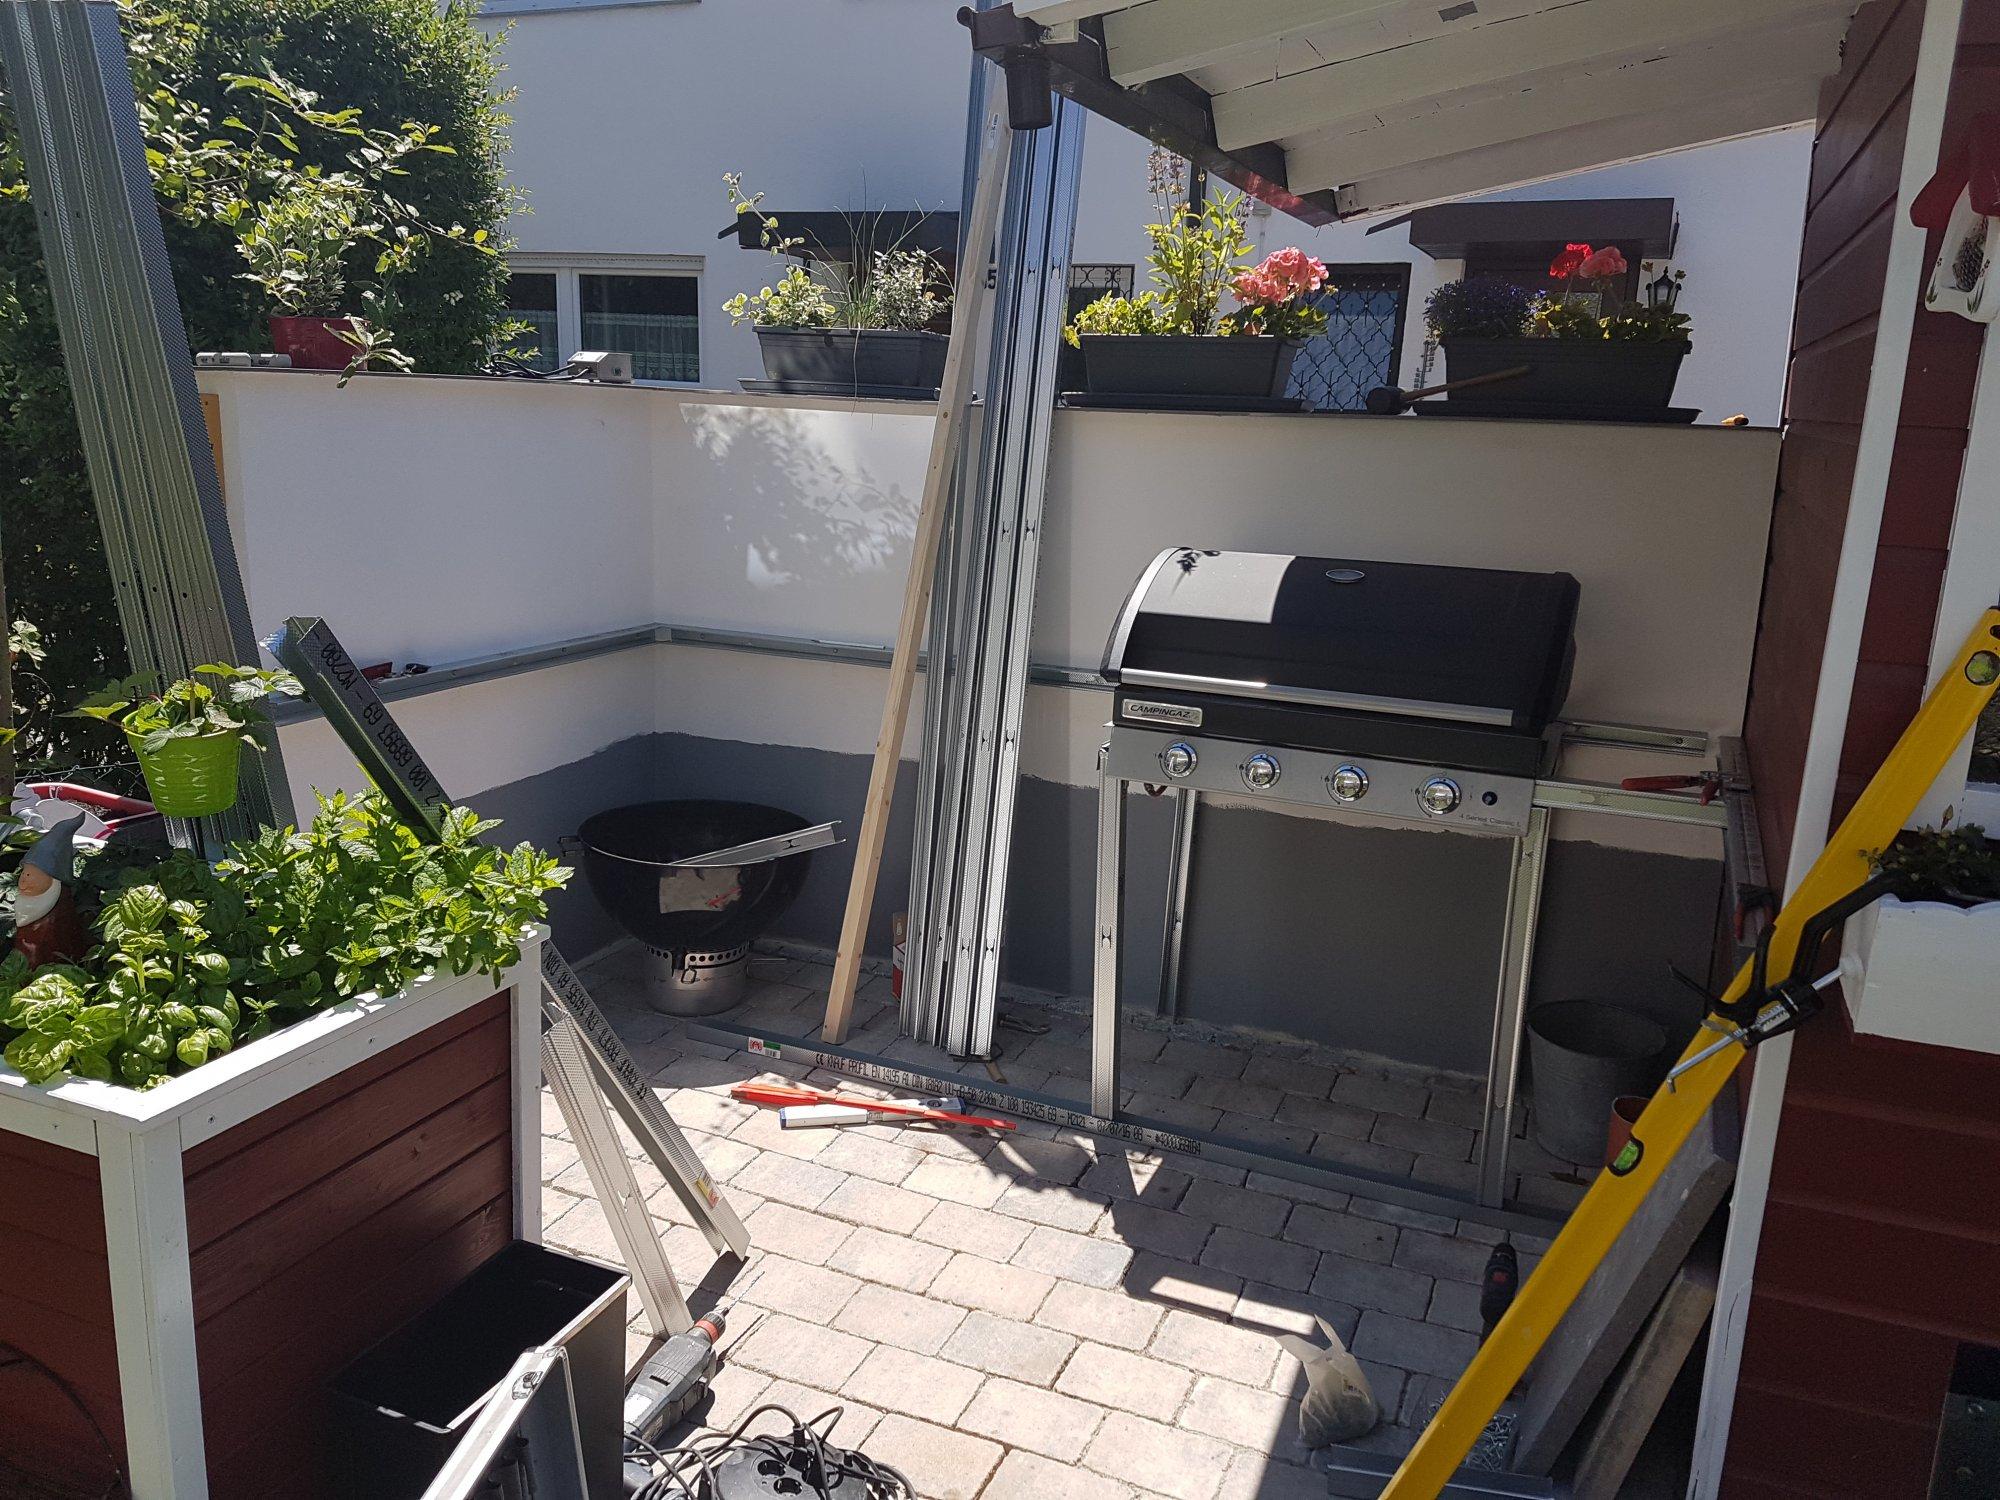 Außenküche Selber Bauen Unterkonstruktion : Sitzecke selber bauen anleitung eckbank aus paletten